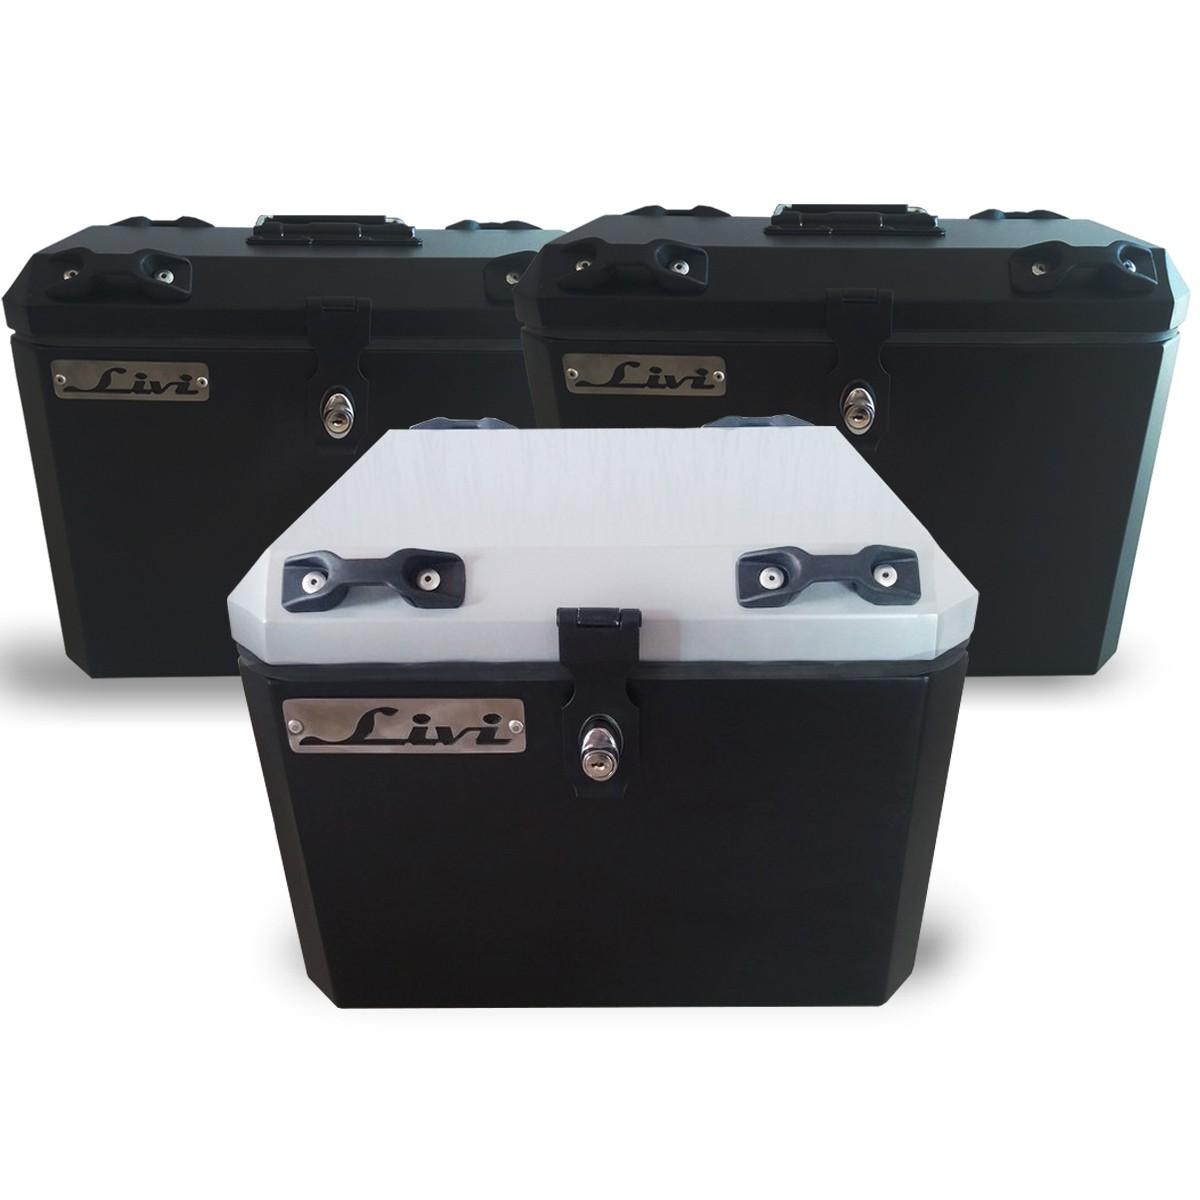 Kit Baú / Bauleto Alumínio Traseiro Top Case + Lateral Side Case + Suporte Para Baú de Alumínio Livi - Himalayan - Royal Enfield